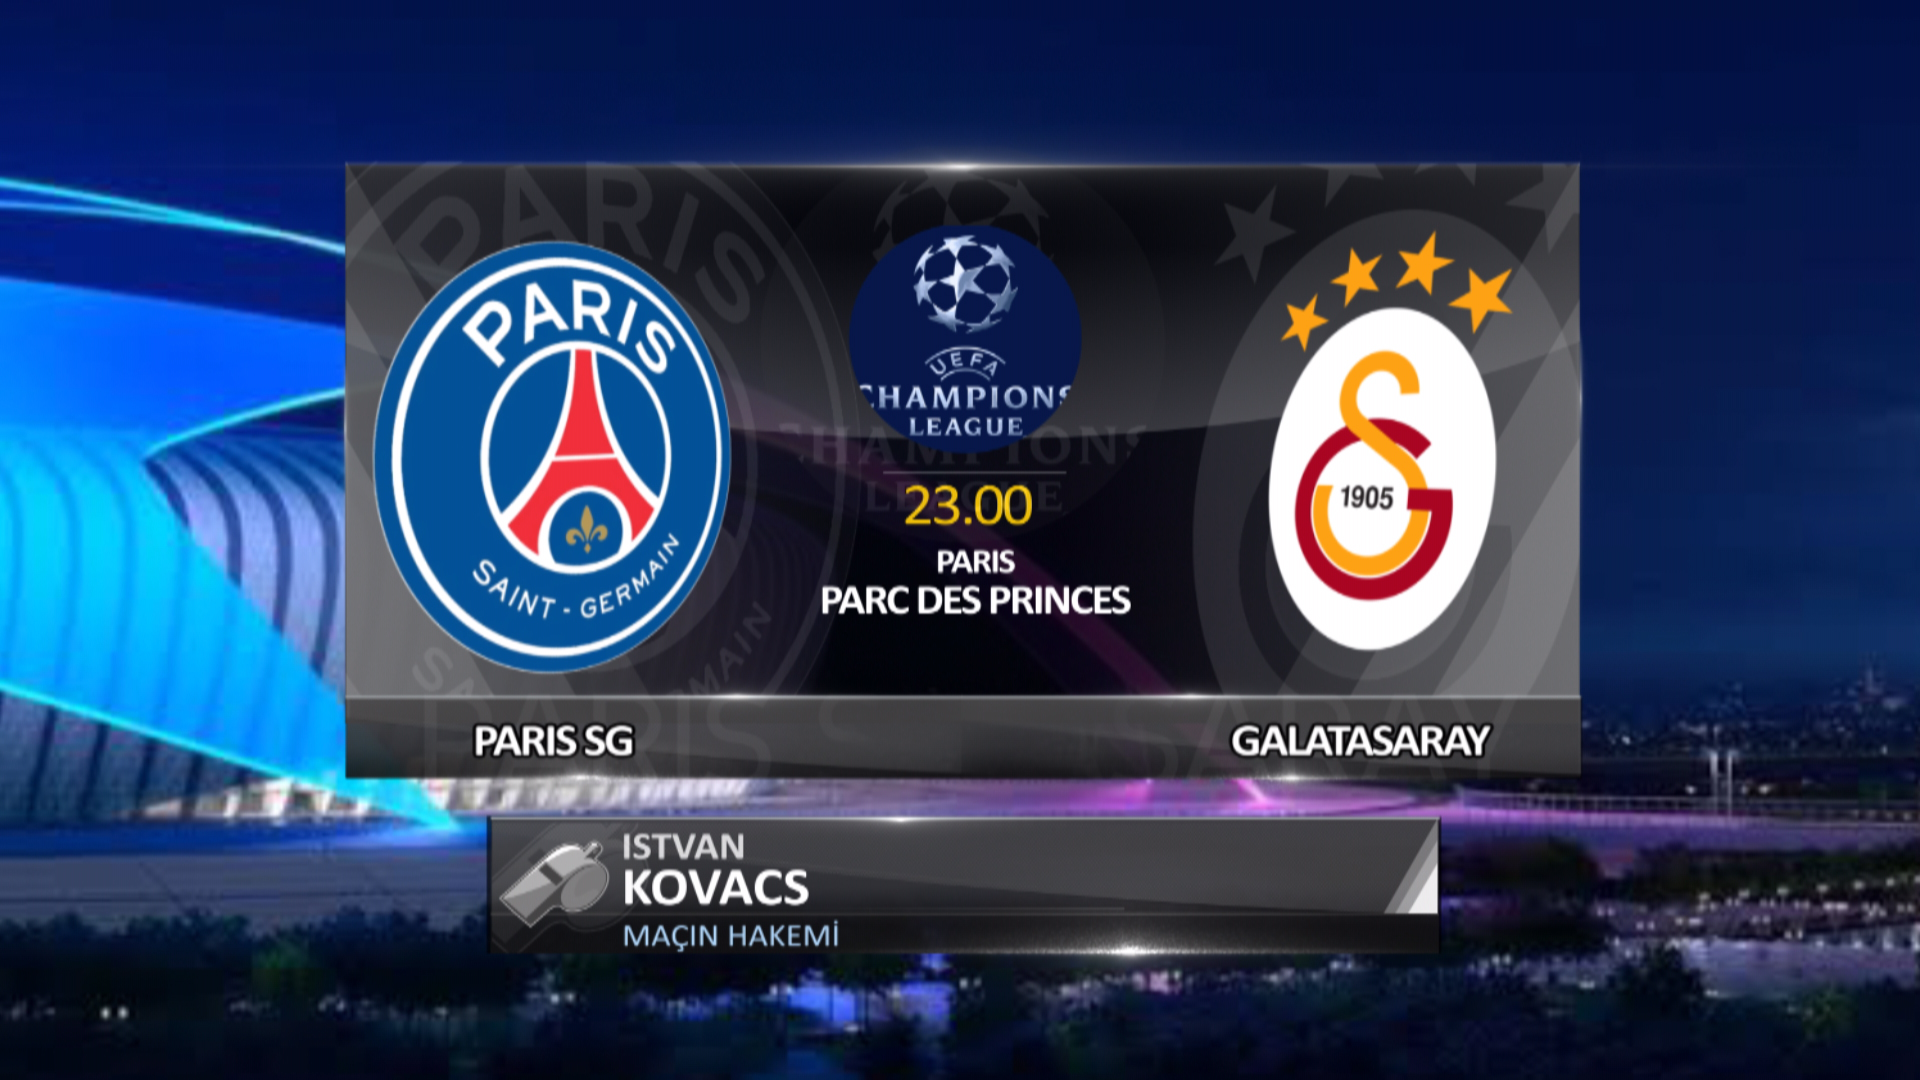 Galatasaray devler ligini Paris'te kapatıyor